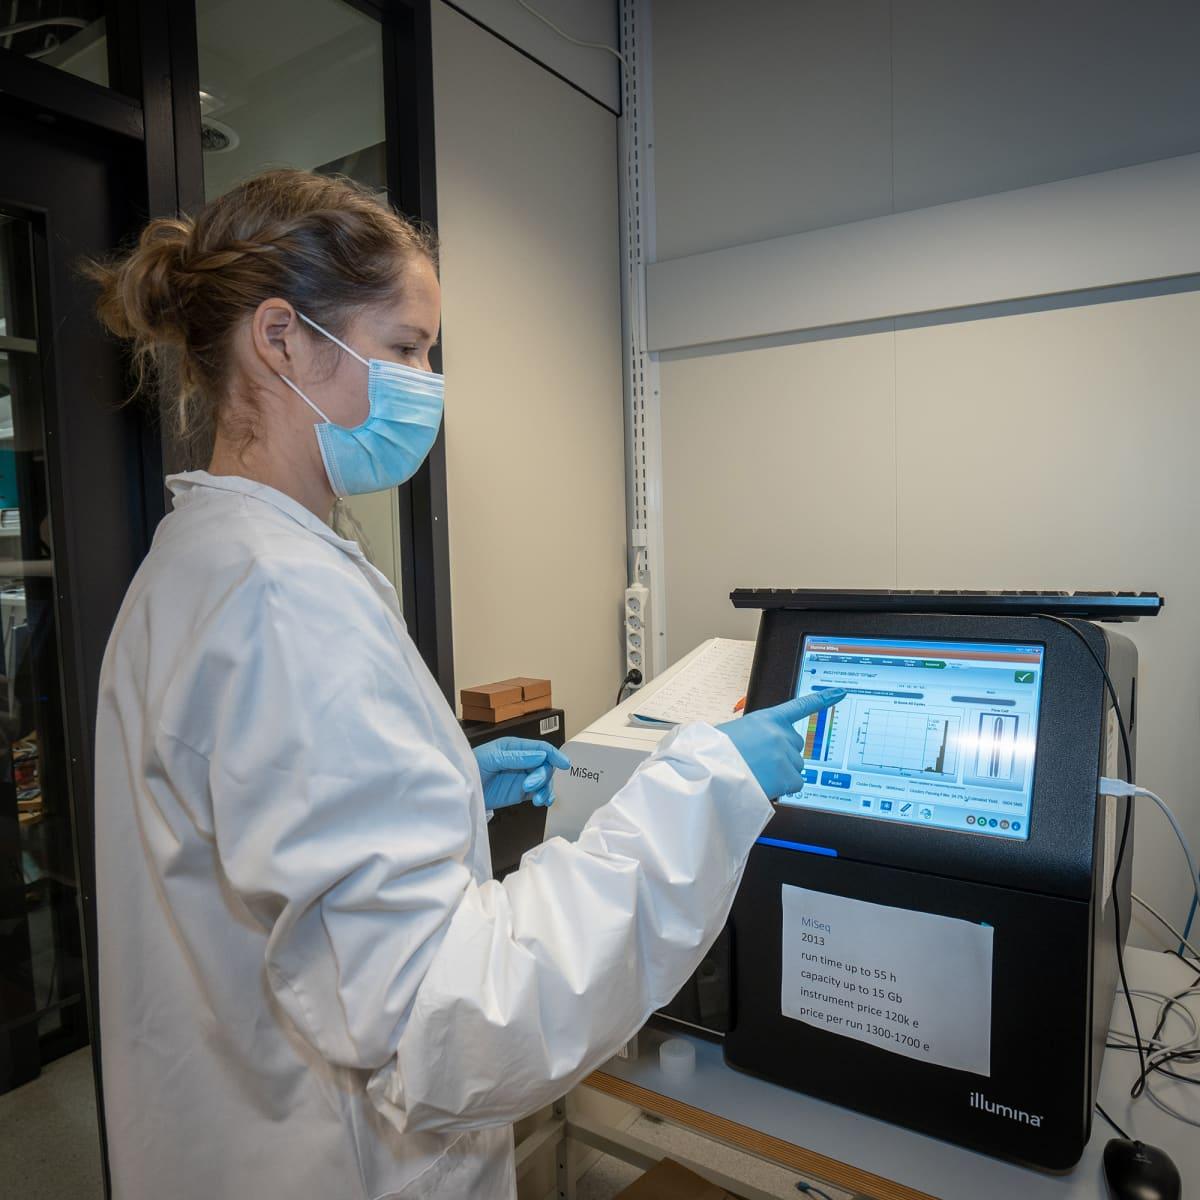 Tutkija Sari Hannula tutkii sekvensaattorin näyttöä FIMMin laboratoriossa.